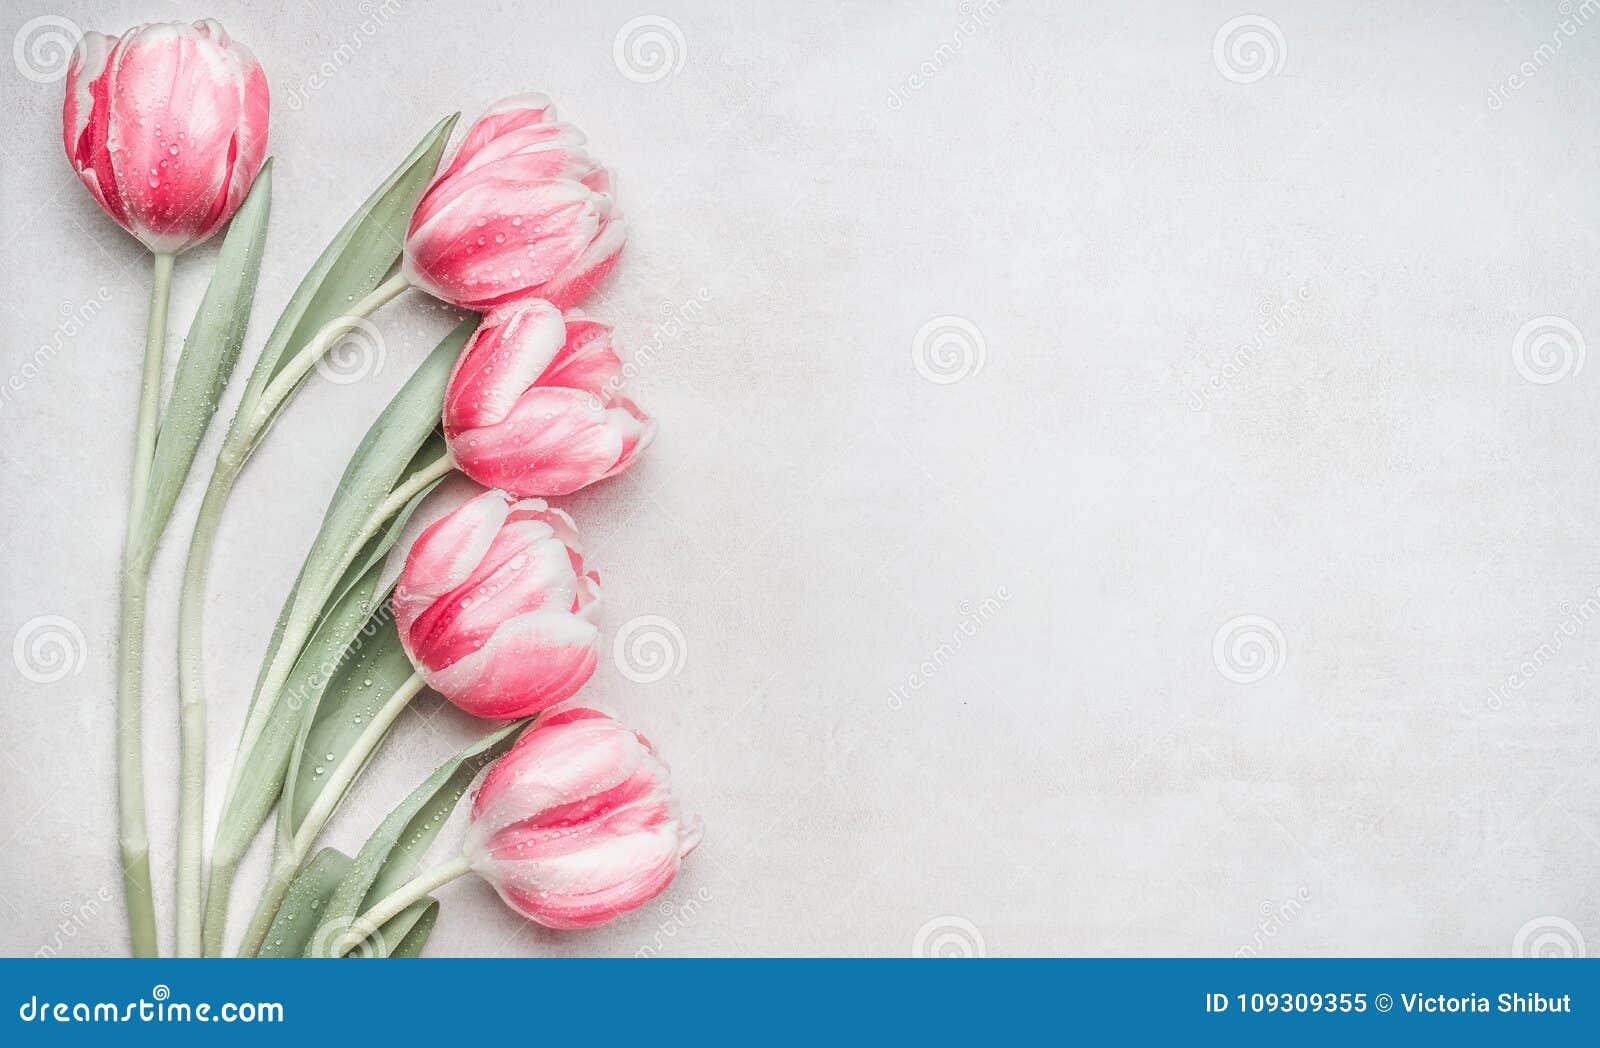 可爱的粉红彩笔郁金香束,在轻的背景,顶视图的花卉边界 布局春天假日